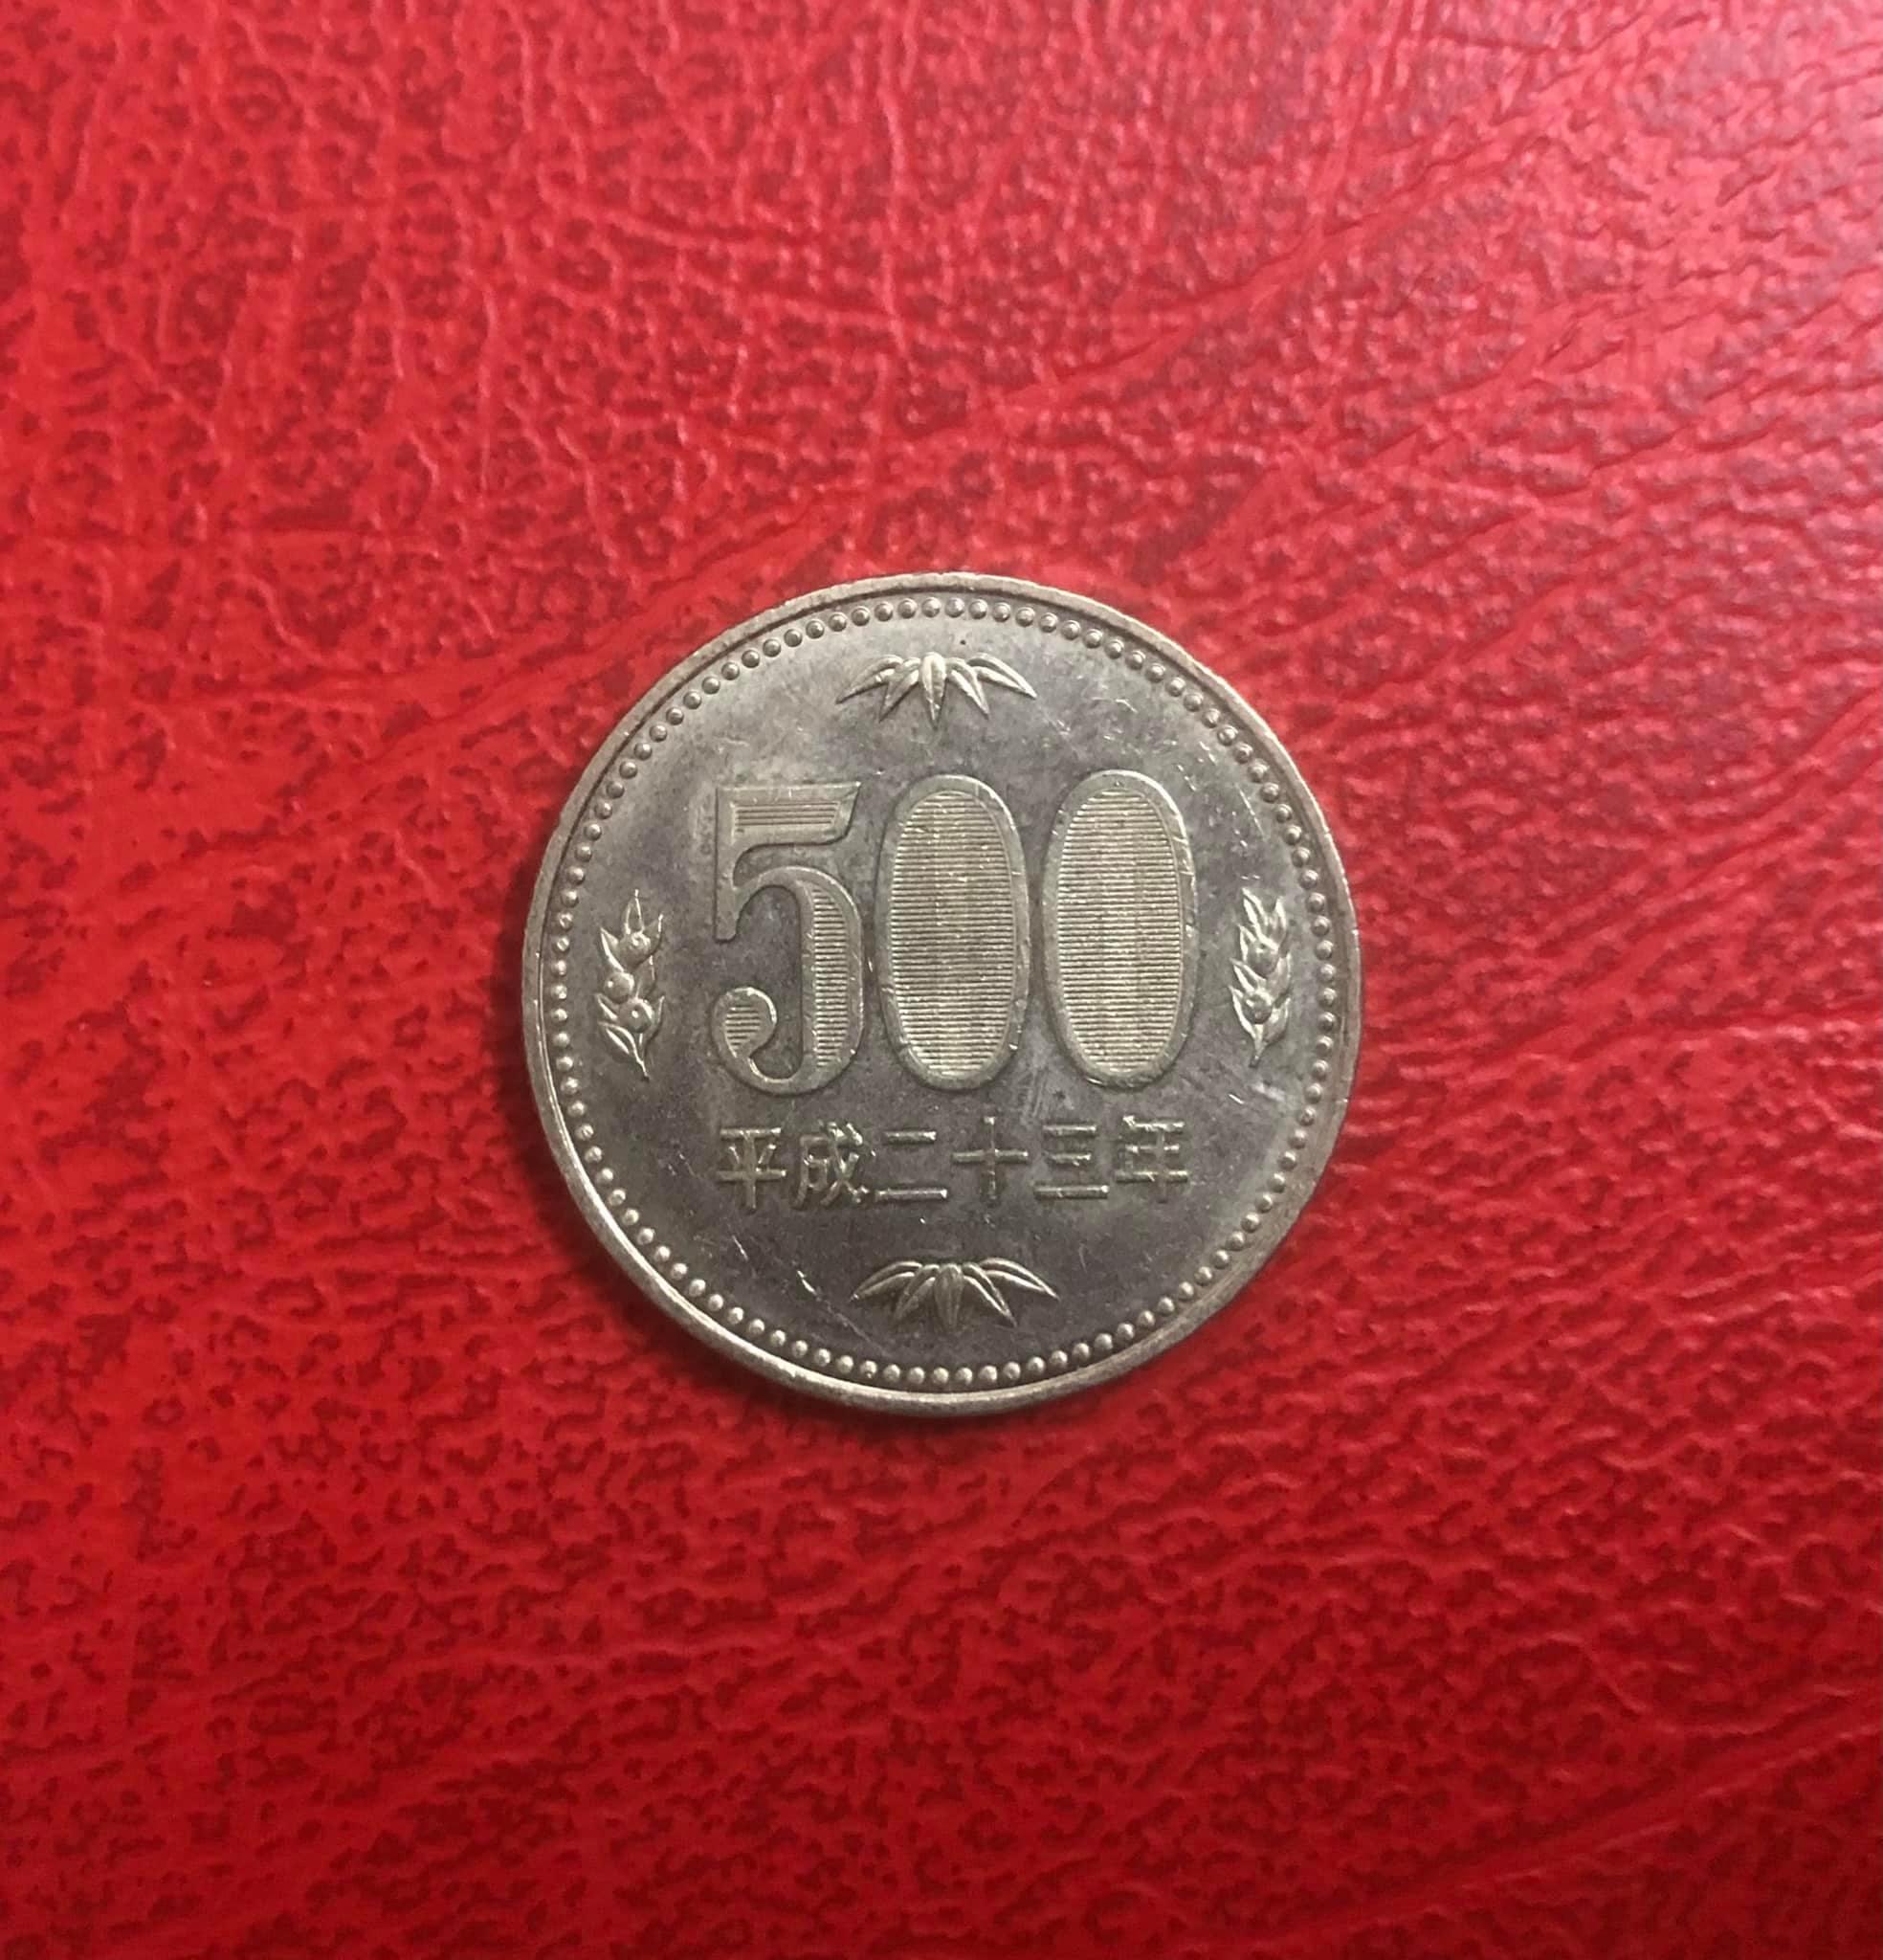 Đồng xu 500 yên của Nhật Bản, đồng xu có mệnh giá cao nhất thế giới